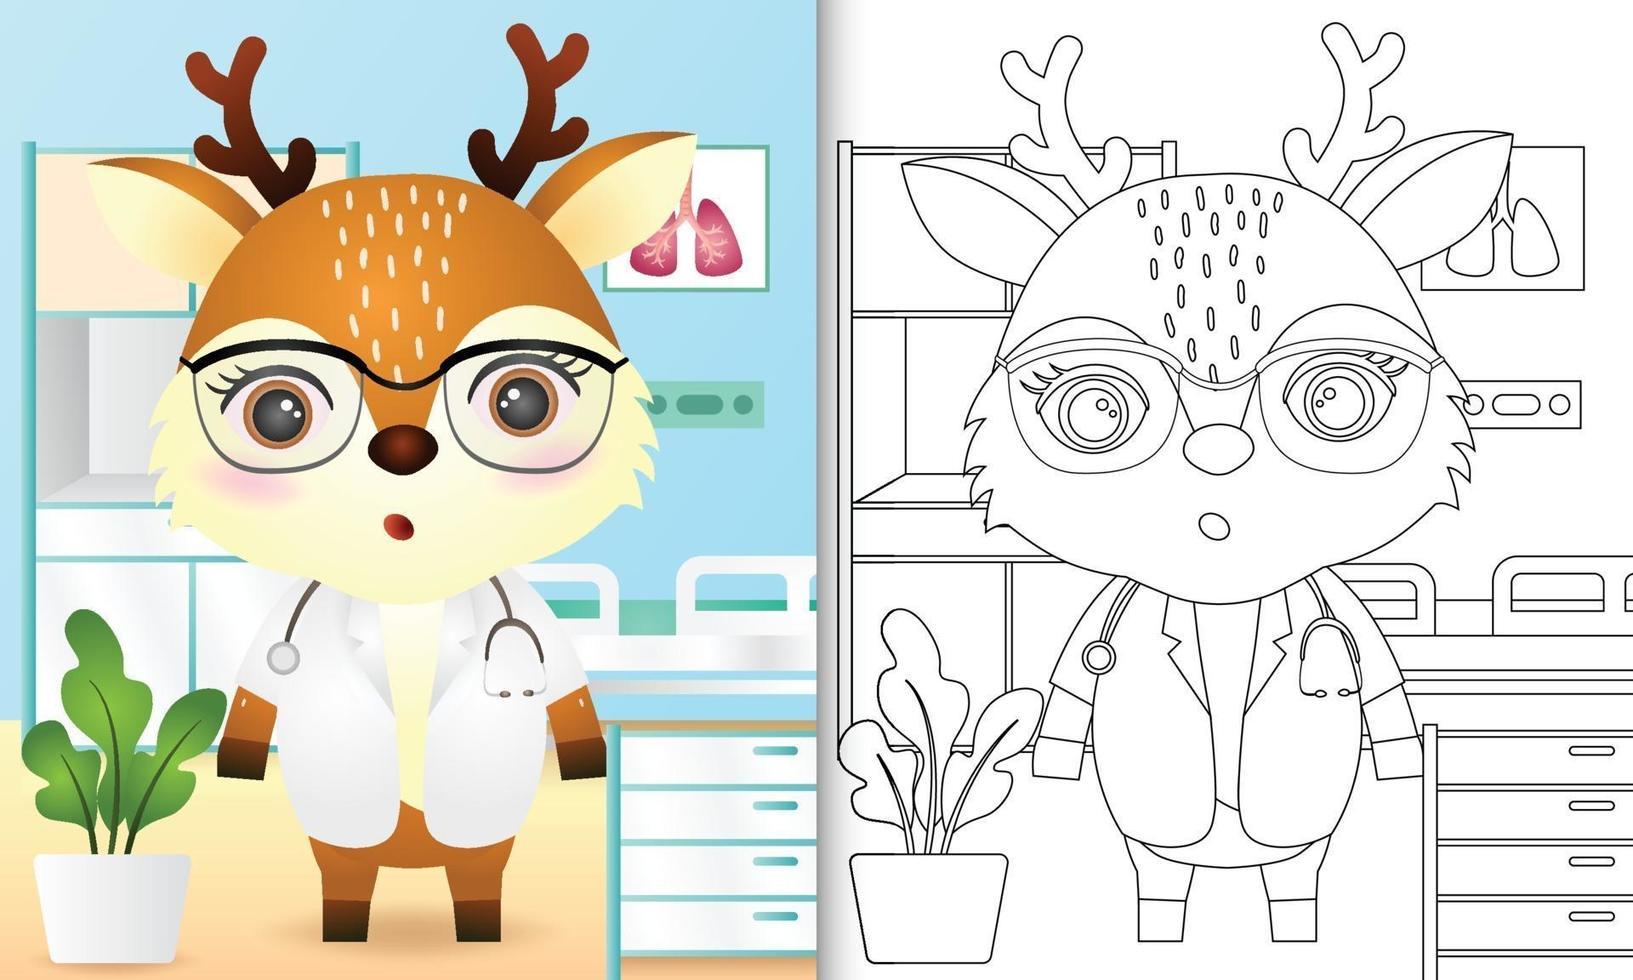 livre de coloriage pour les enfants avec une illustration de caractère mignon docteur cerf vecteur